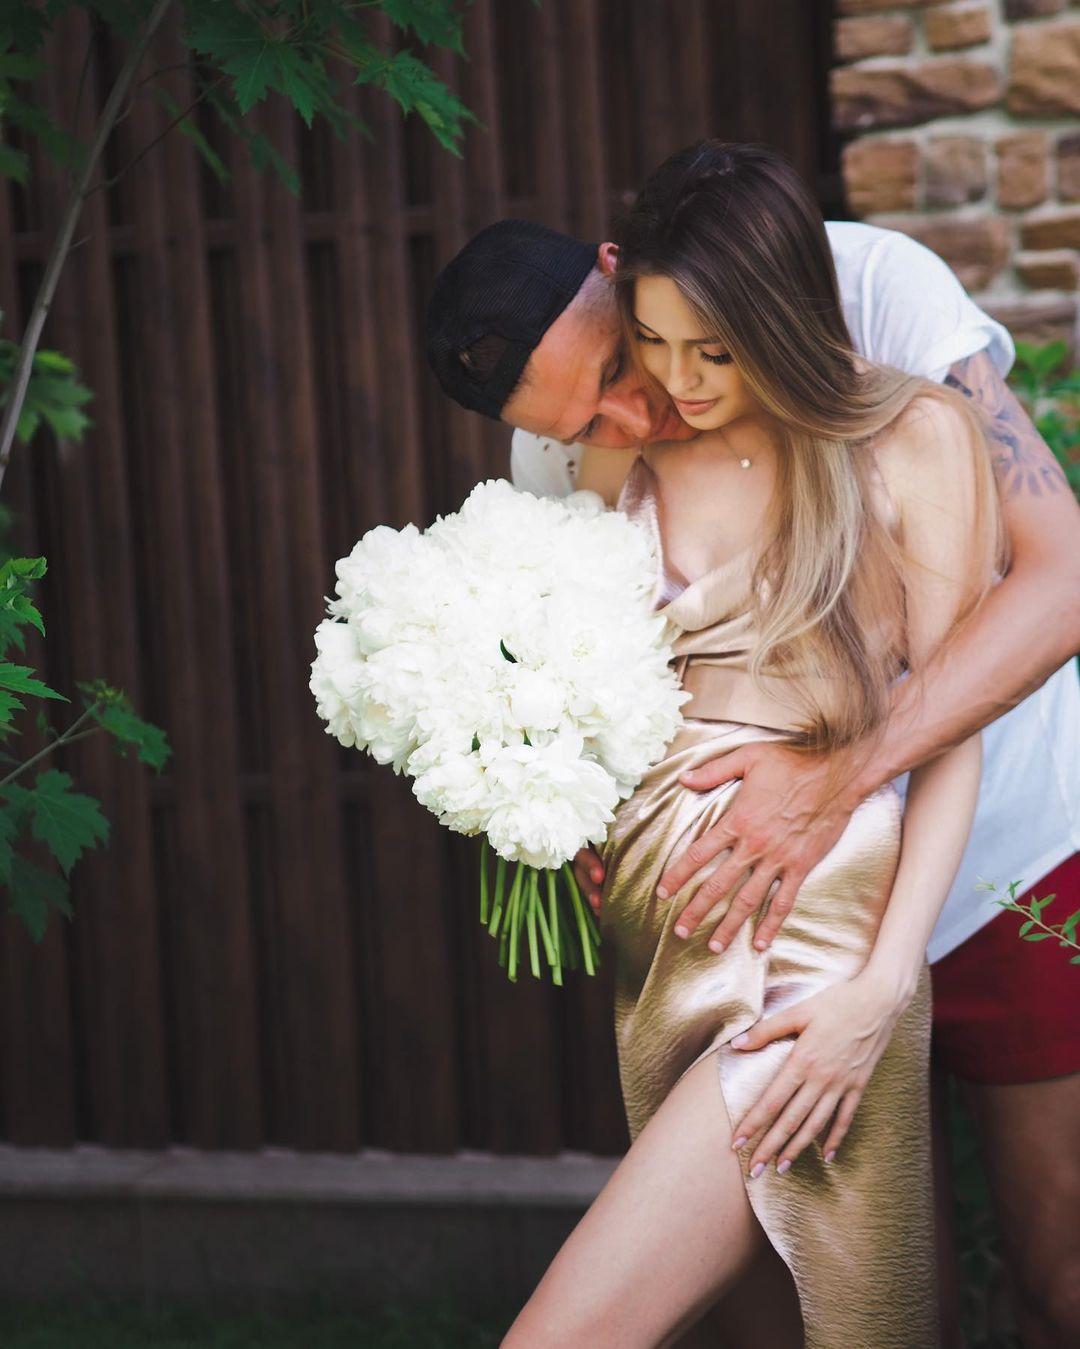 """Анастасия Костенко отметила """"экватор"""" беременности фотосессией с мужем и рассказала, страшно ли рожать"""